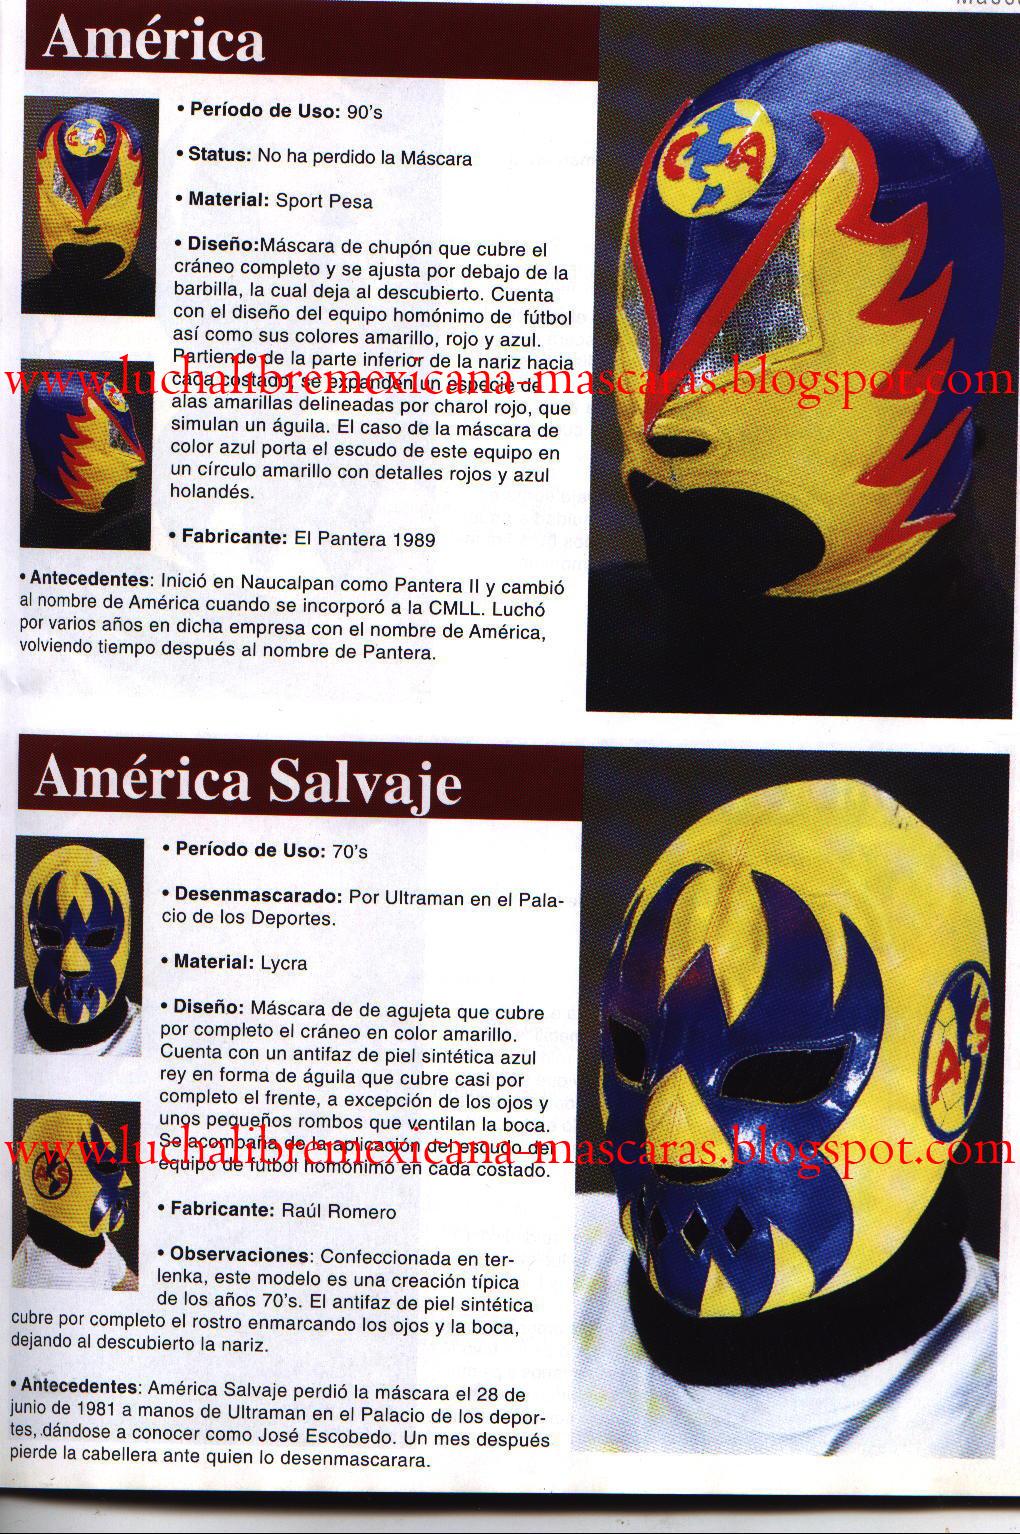 Lucha Libre Mexicana Enciclopedia De Mascaras Tomo I